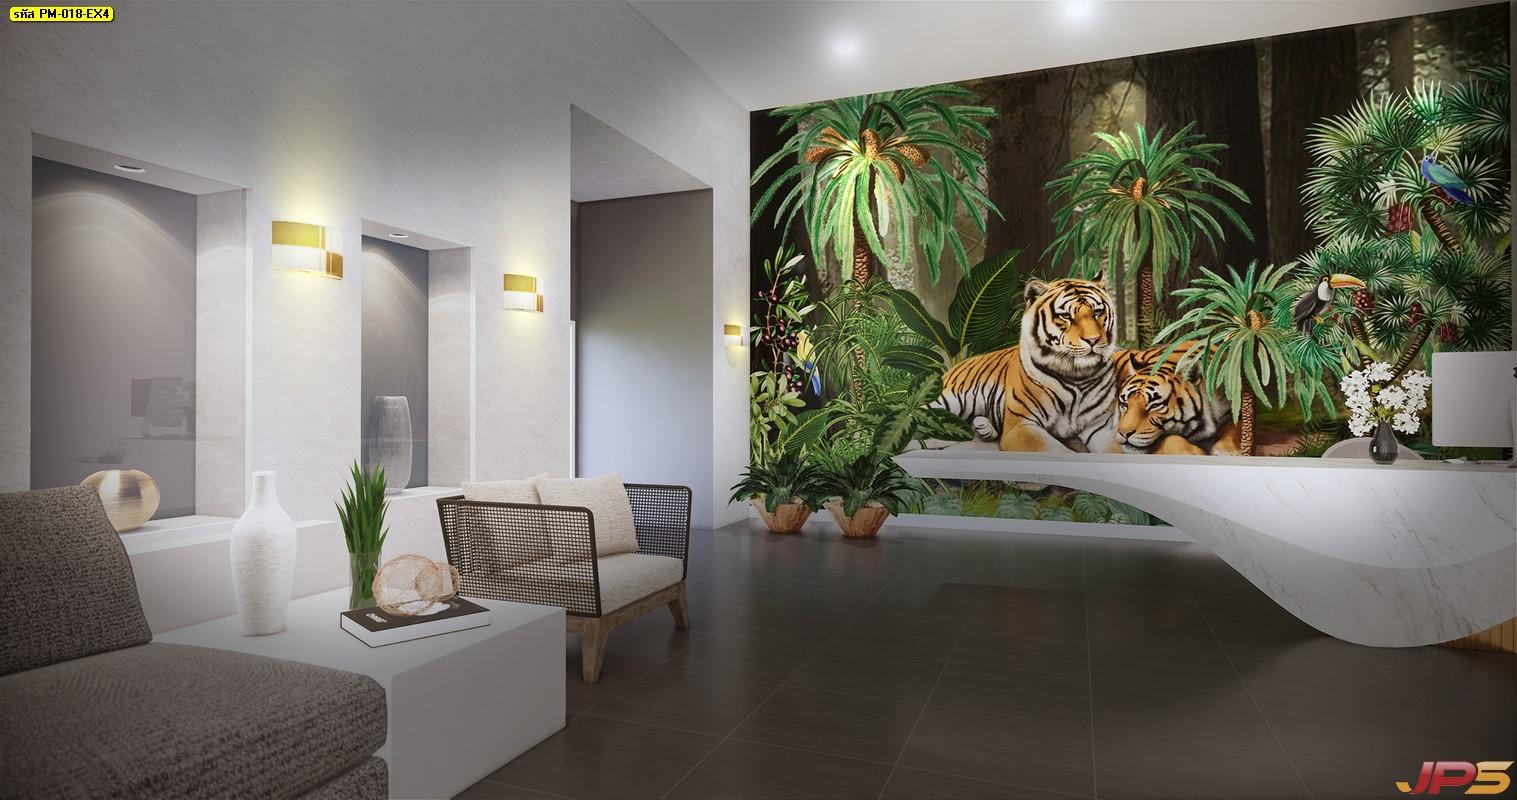 วอเปอร์เปอร์ผนัง ลายสวนป่าเสือโคร่ง ตกแต่งภายในบ้านหรู